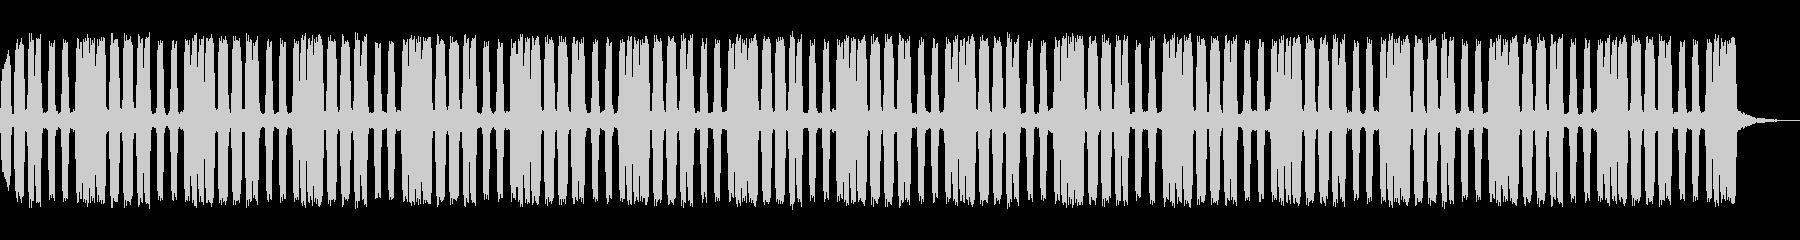 クラクションのループの未再生の波形